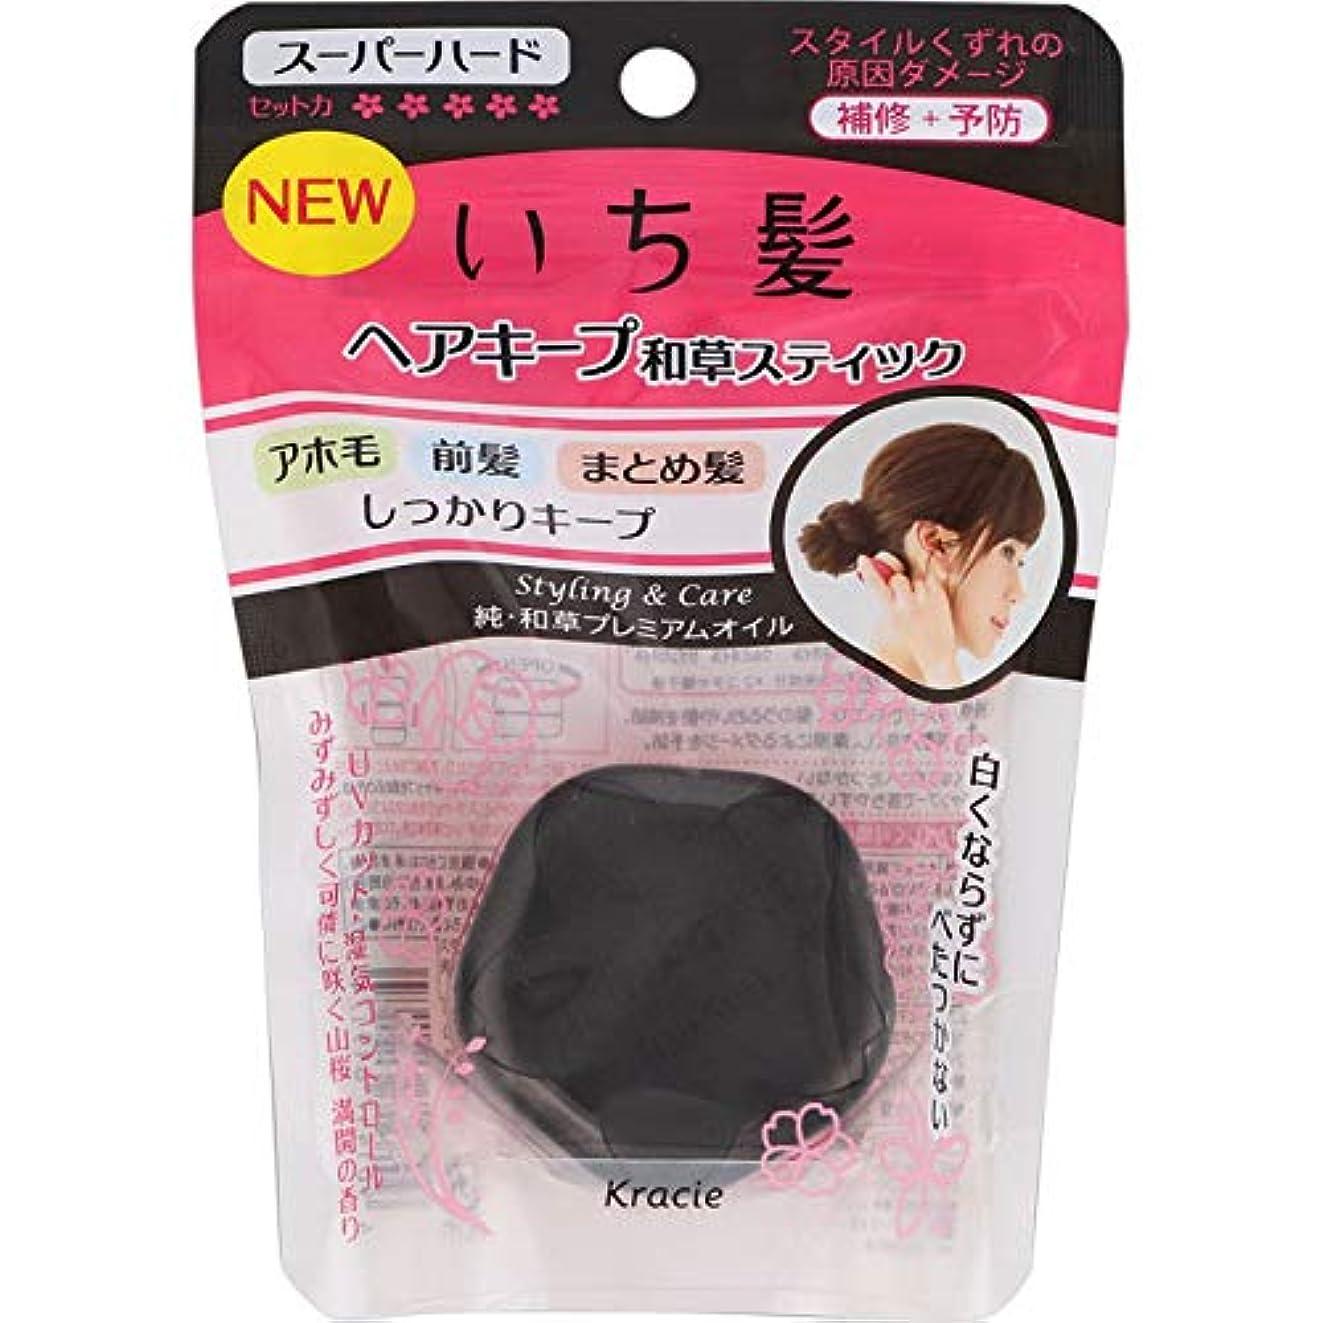 追放する値下げビートいち髪 ヘアキープ和草スティック(スーパーハード) × 8個セット